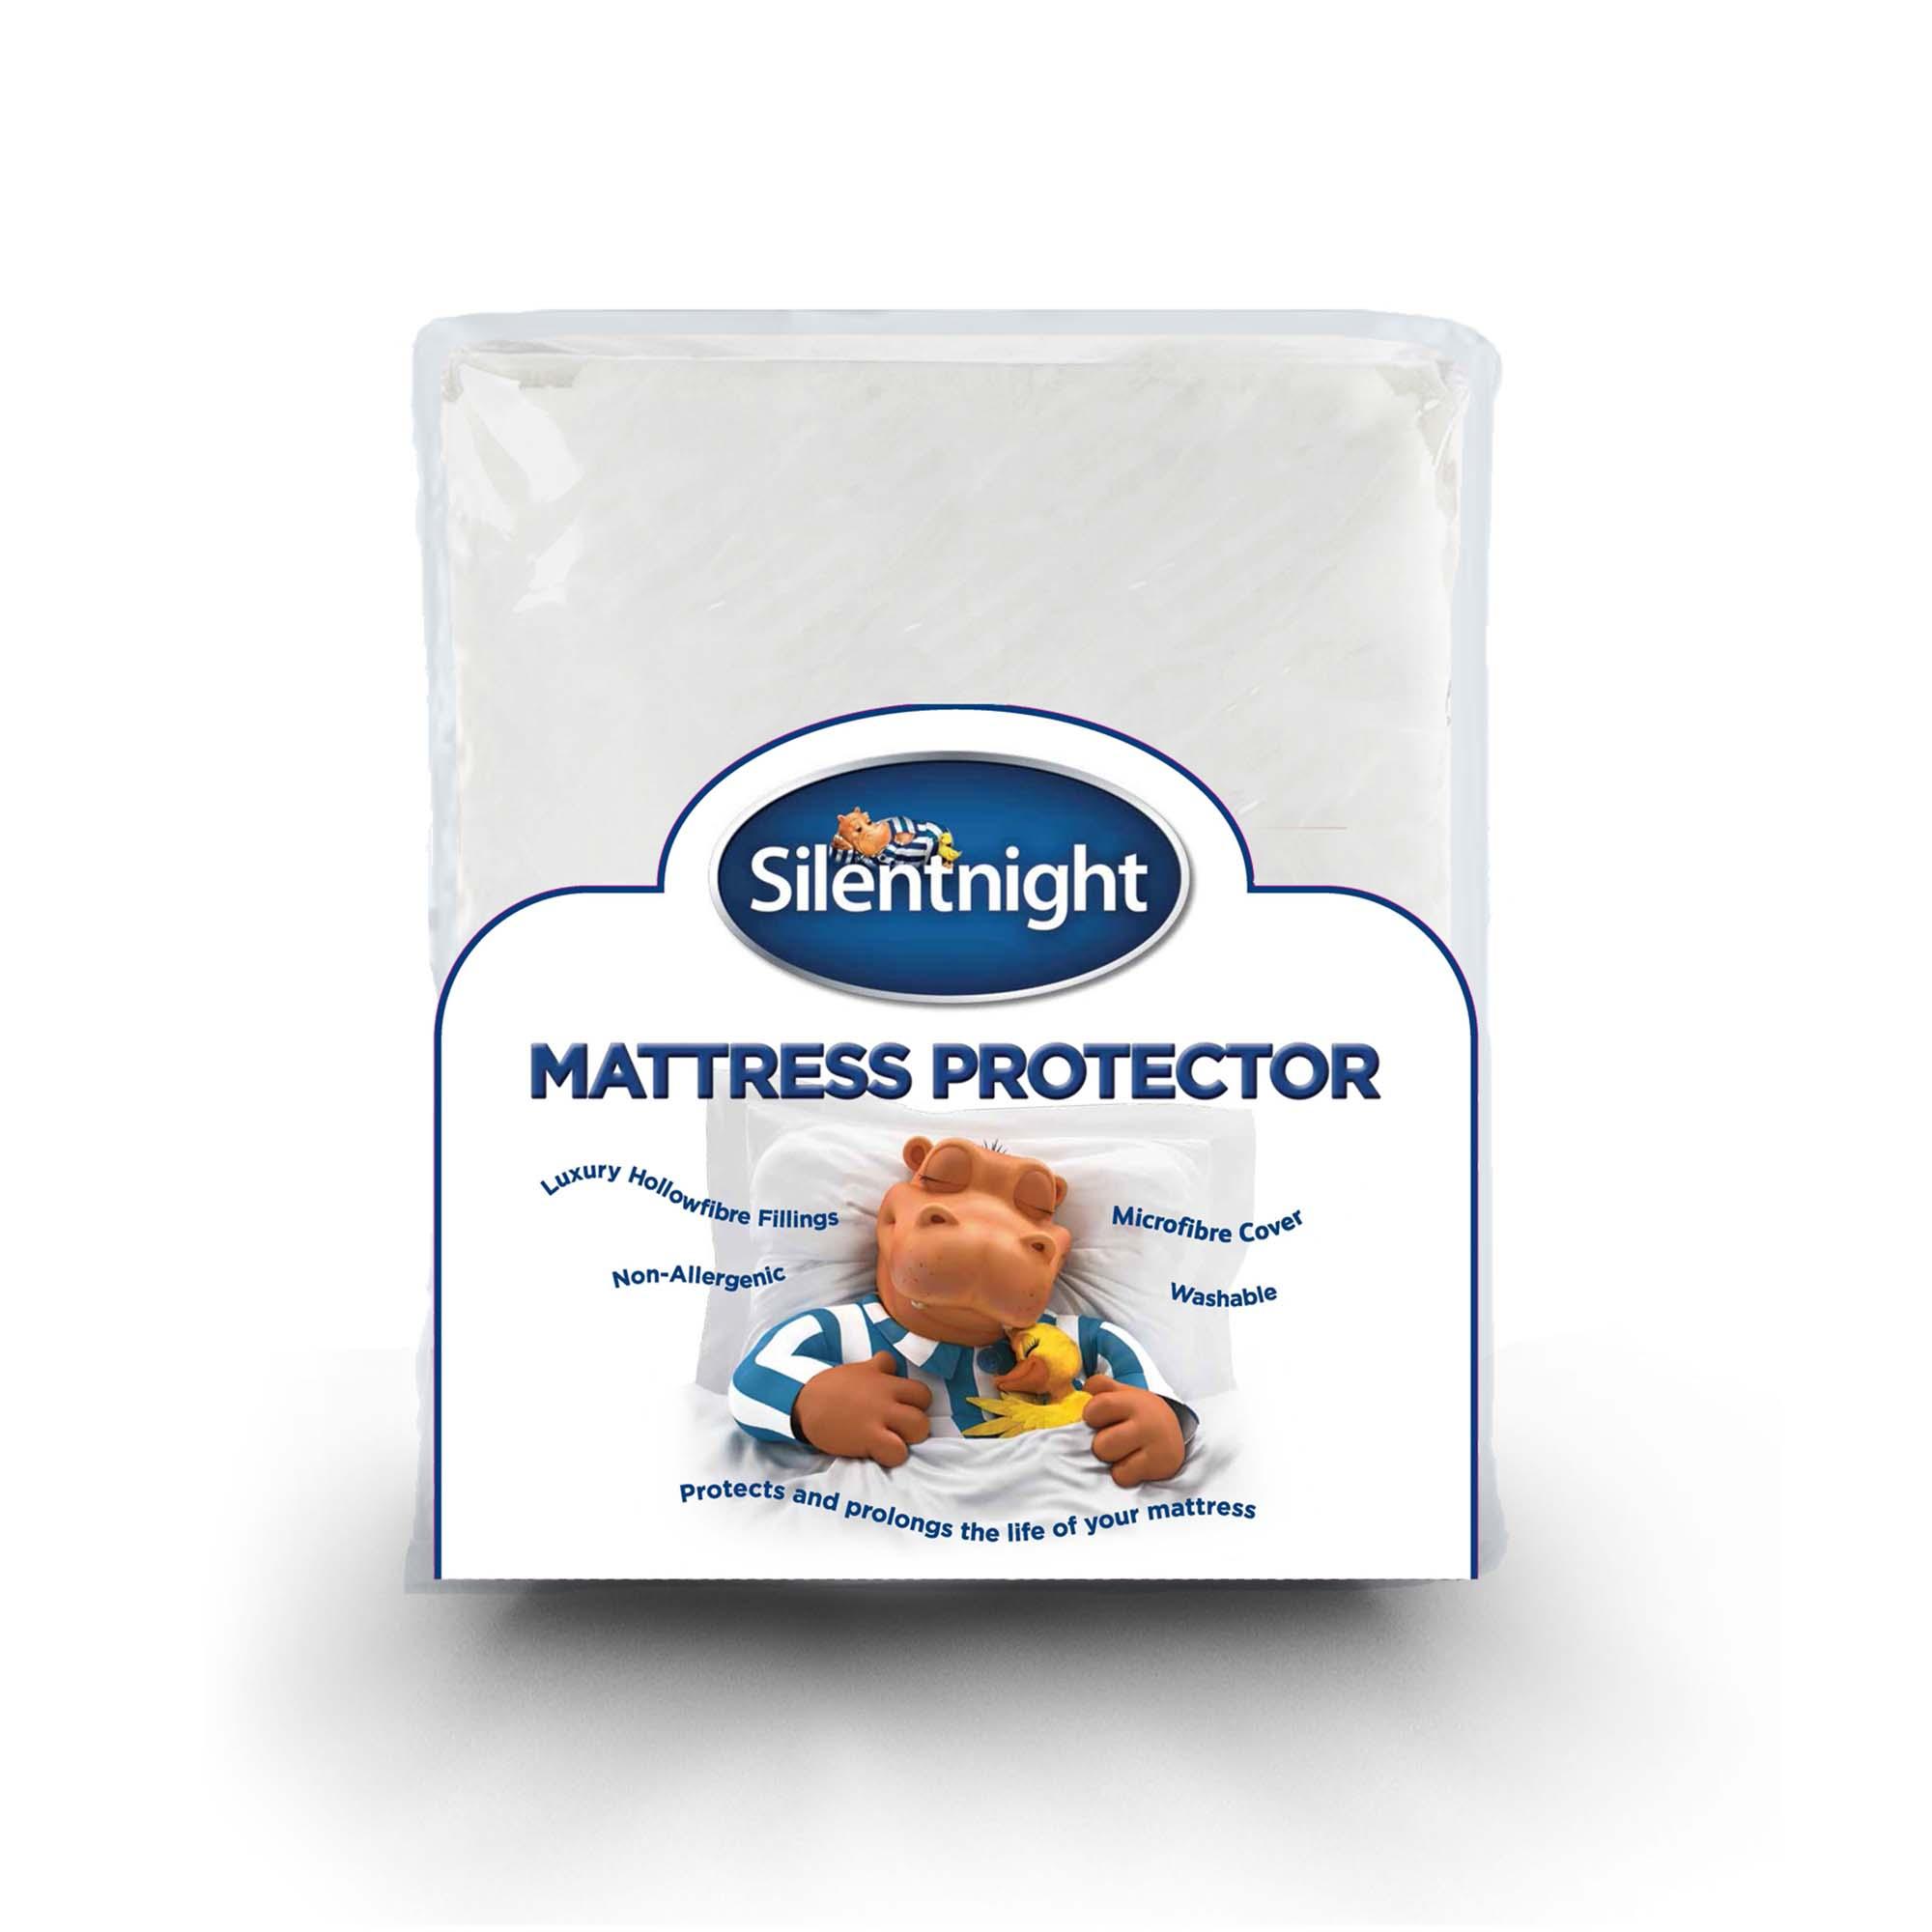 Silentnight Premium Quilted Mattress Protector | Silentnight